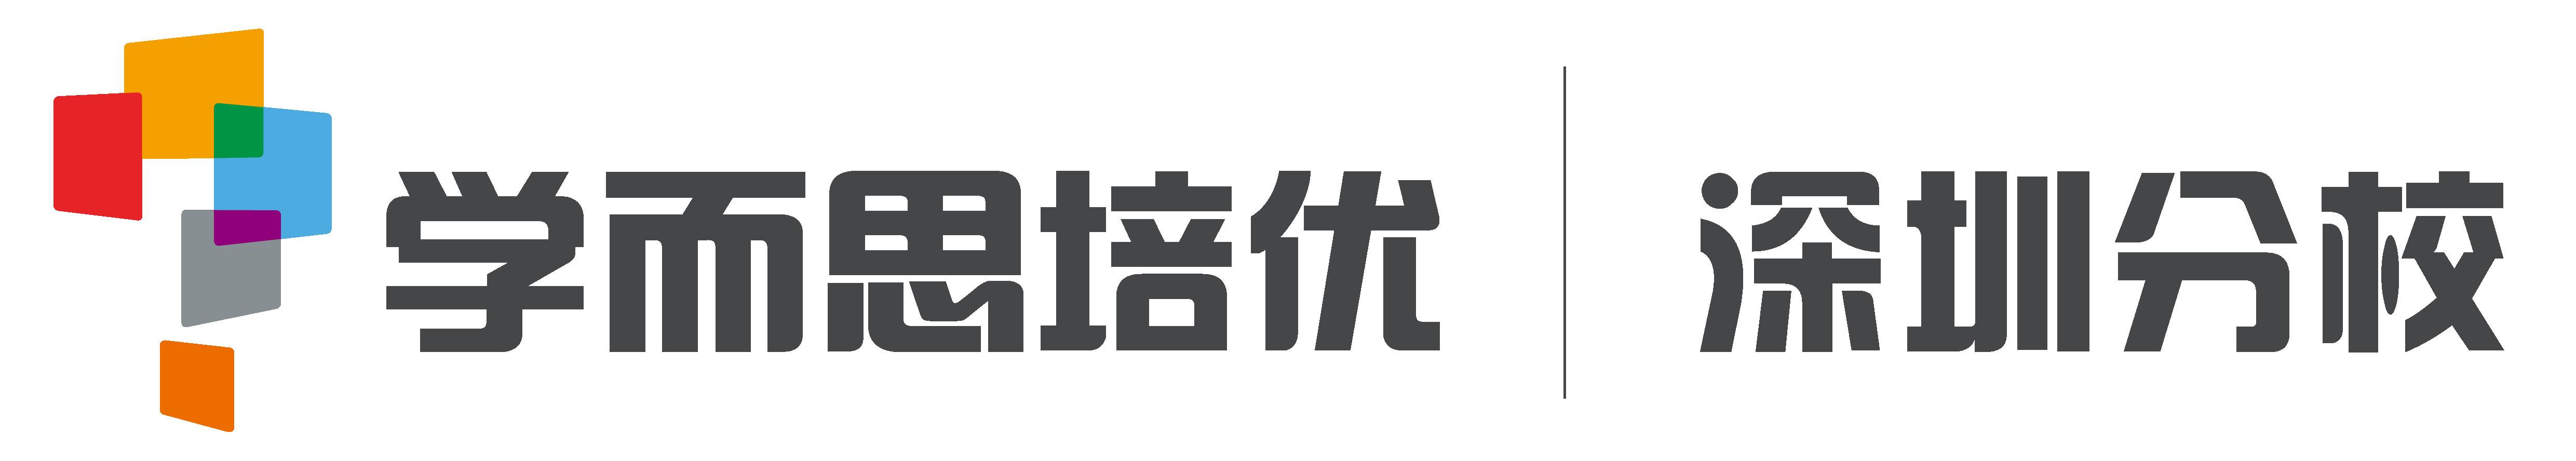 深圳学而思培优宣讲会